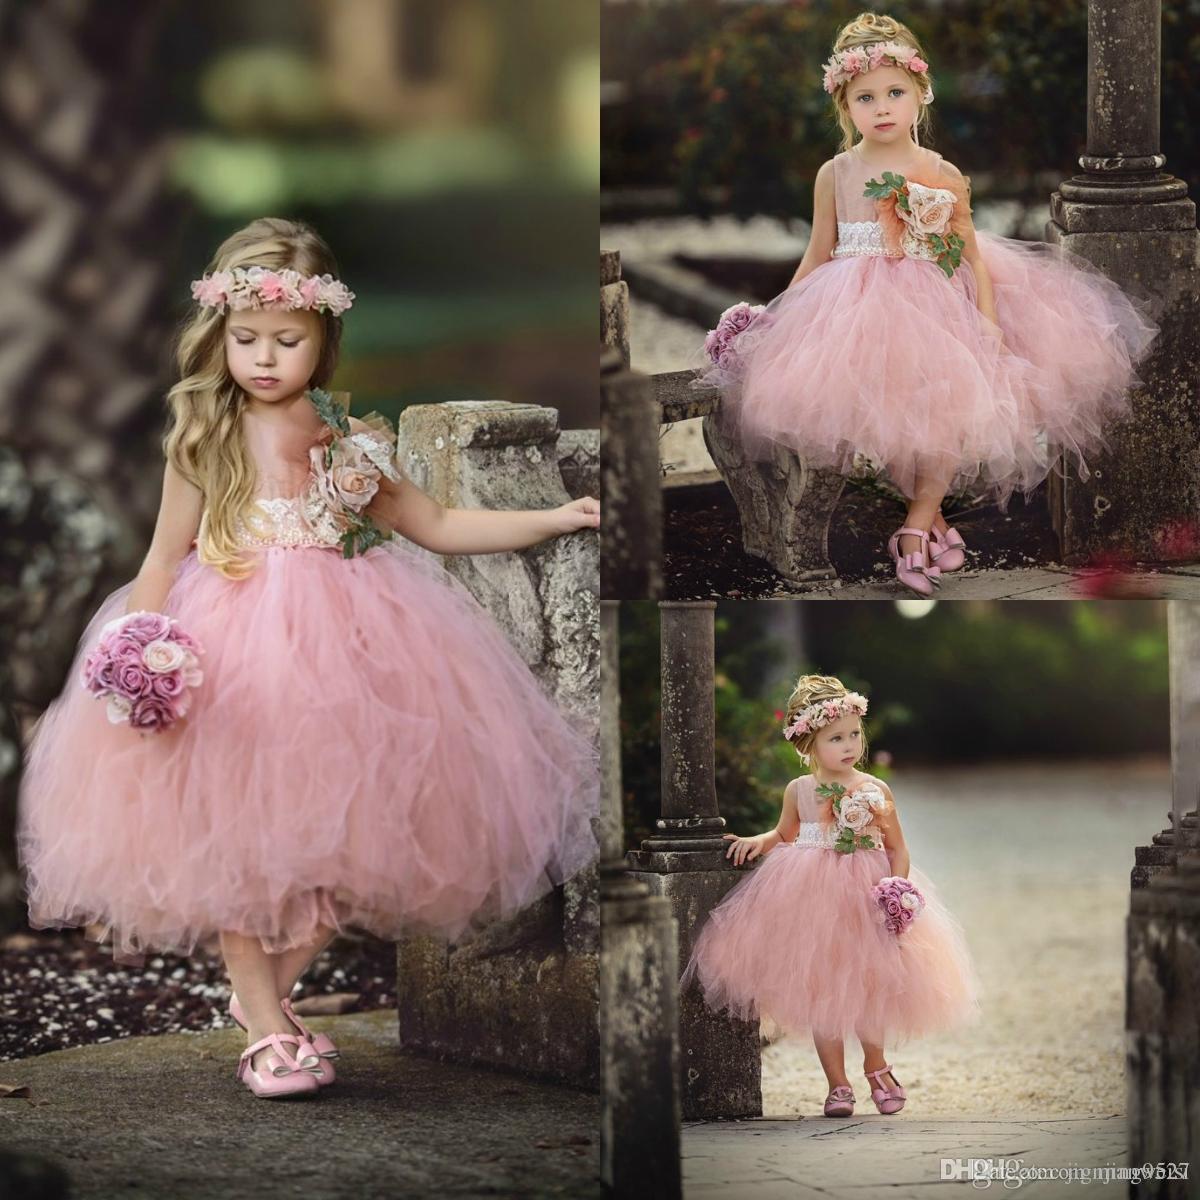 خمر يدوية زهرة بنات فساتين لحفلات الزفاف استحى الوردي الكرة ثوب الأميرة اللباس لفتاة صغيرة بلا أكمام الساخنة بيع العباءات المسابقة